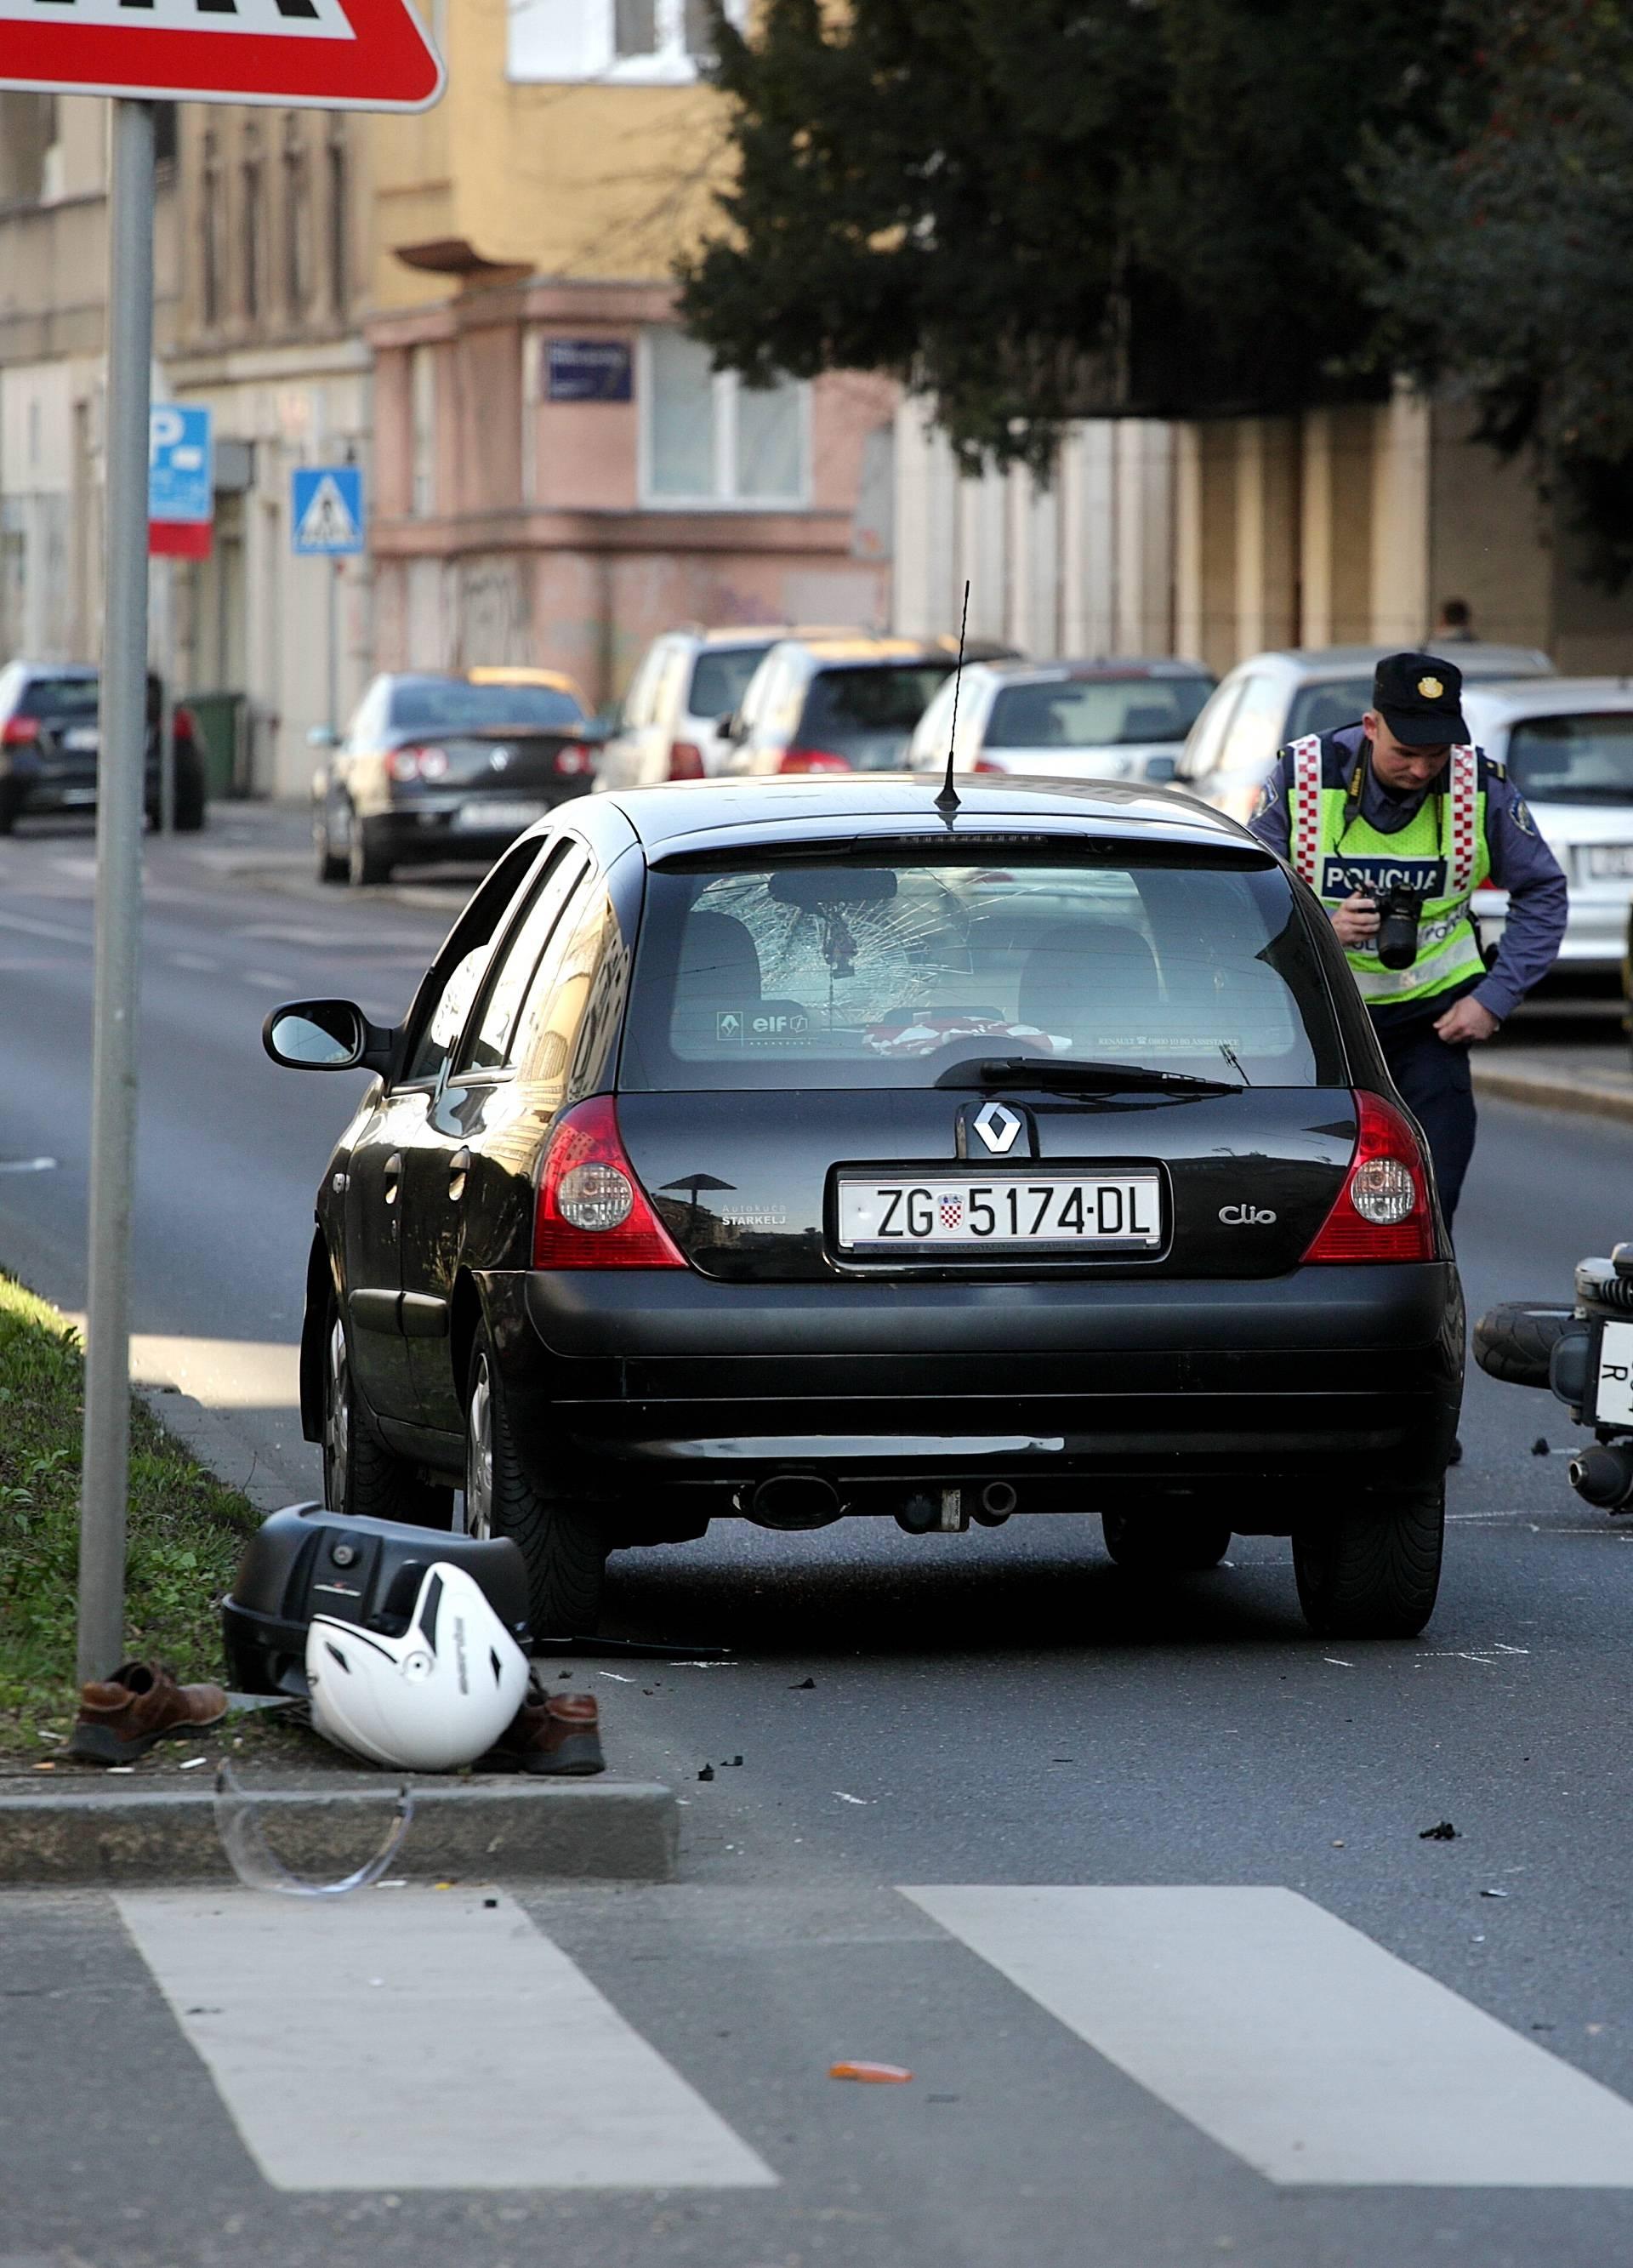 Sudarili su se auto i skuter u Zagrebu, jedan čovjek ozlijeđen